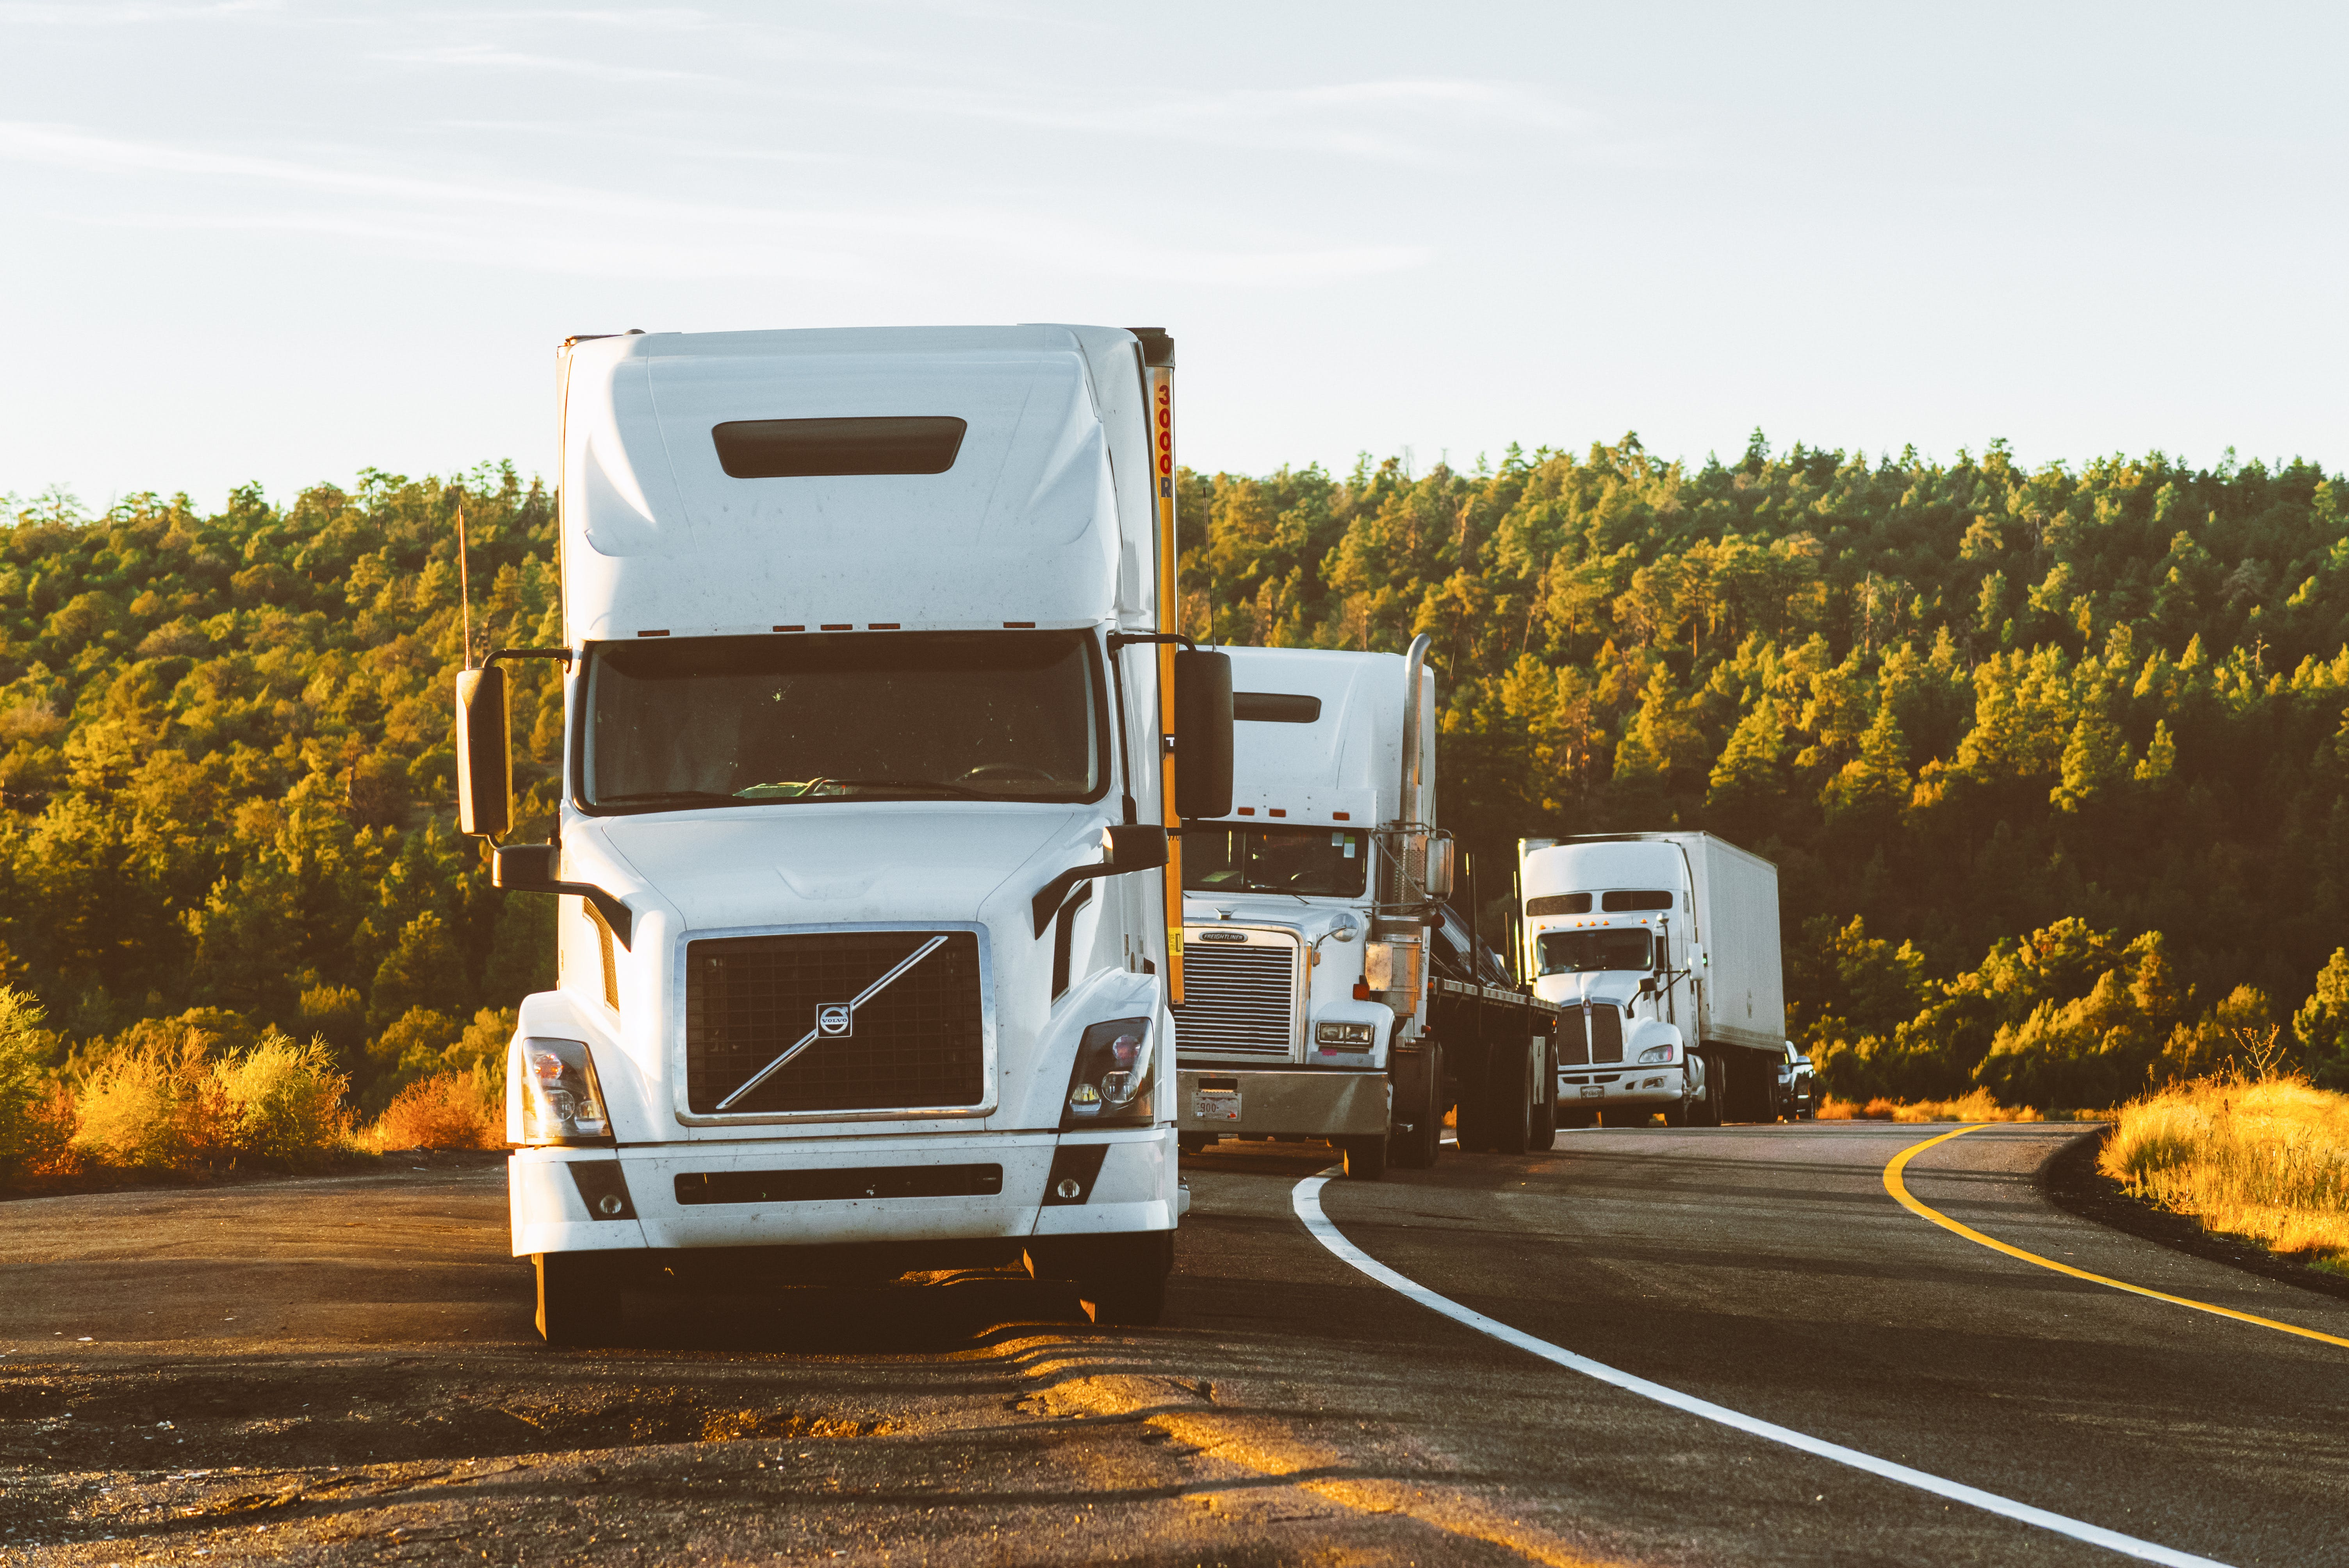 ぼかし, アスファルト, アリゾナ, トラック輸送の無料の写真素材